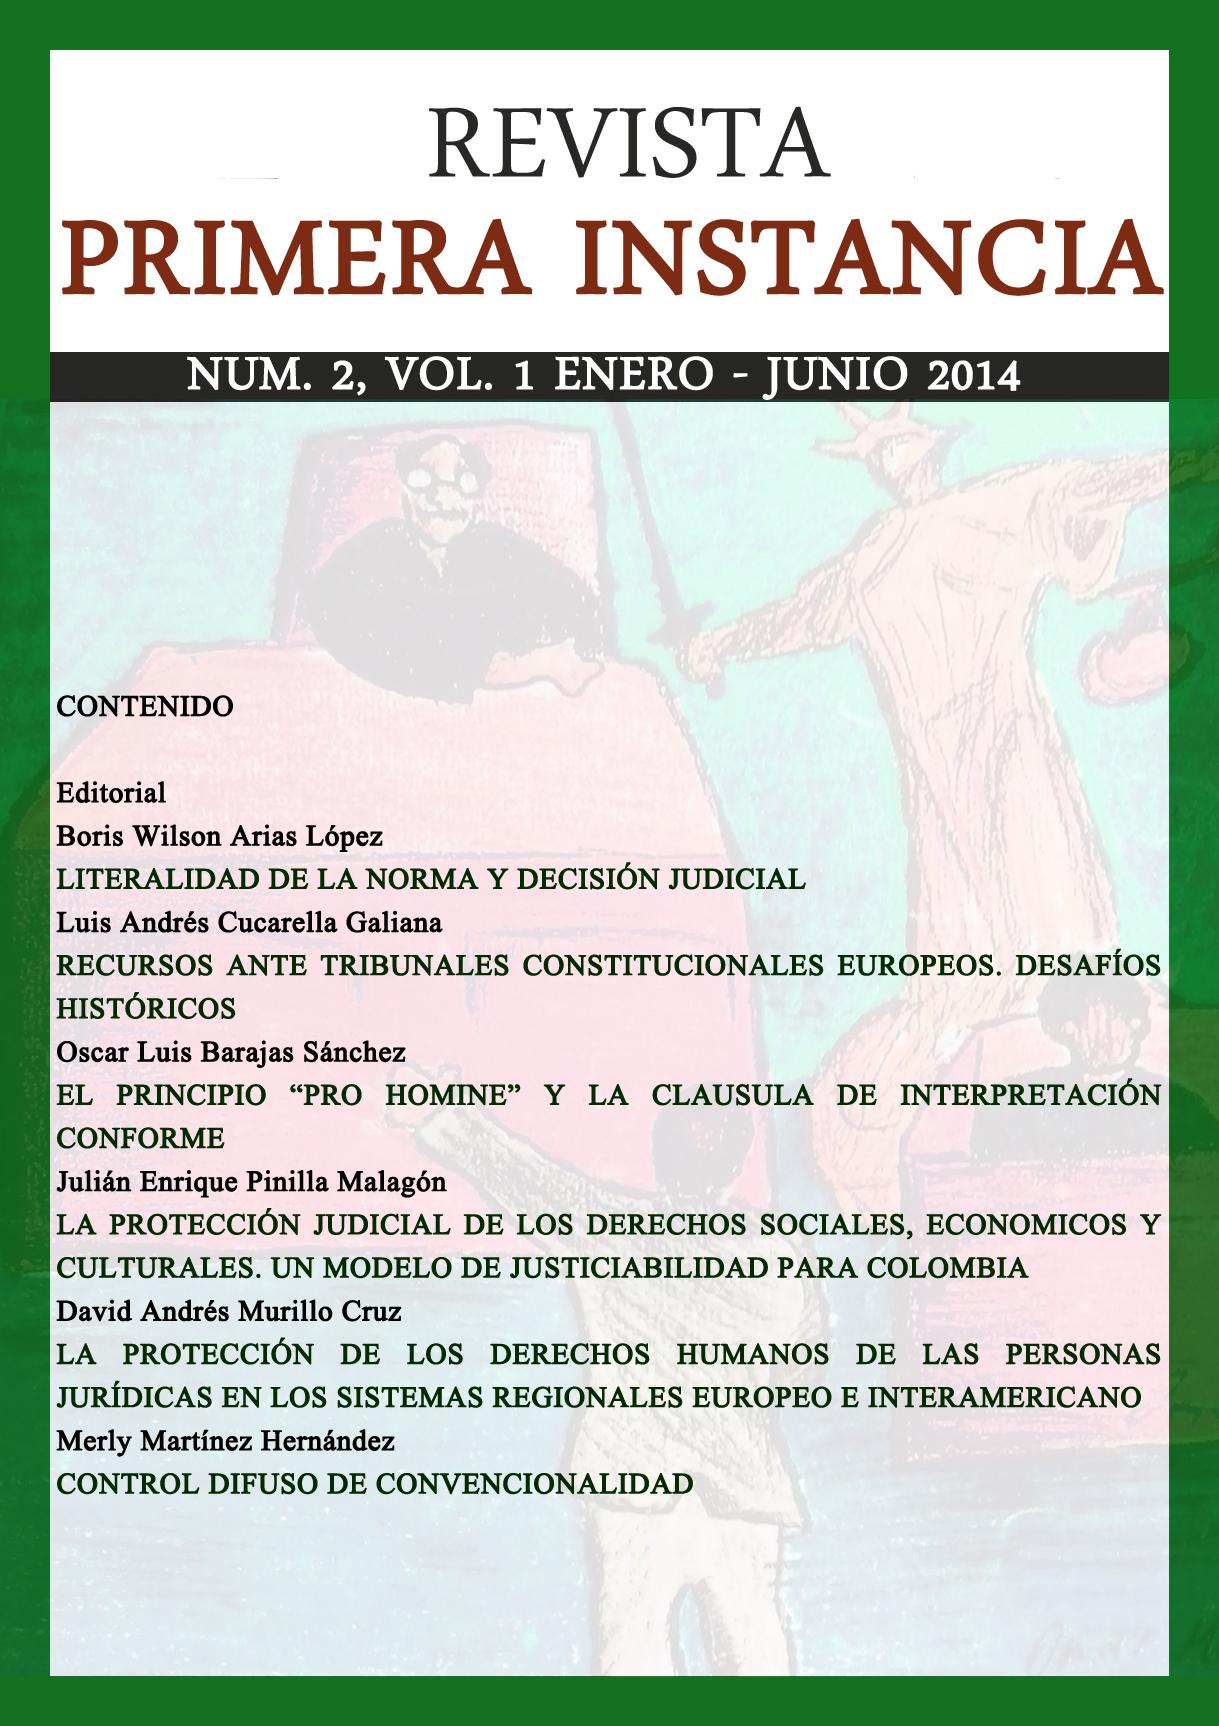 Número 2, Volumen 1. Enero – junio 2014